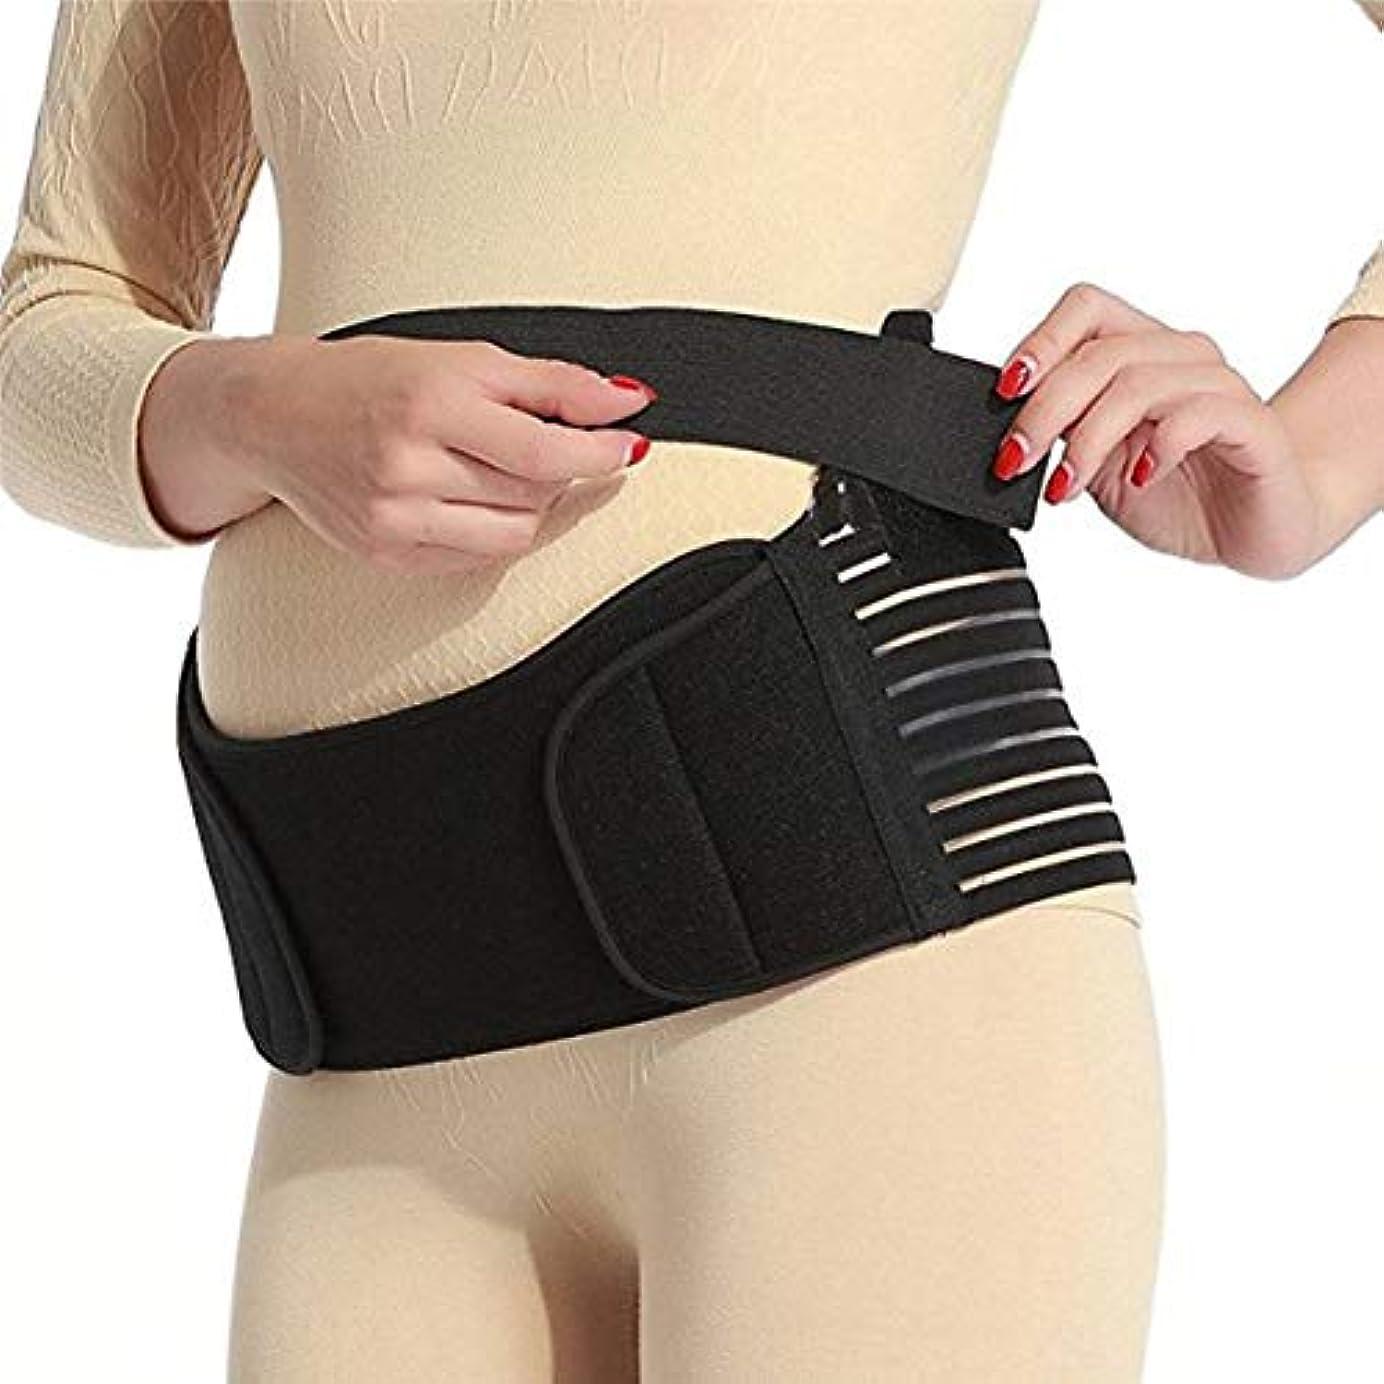 記述する男らしさ特定の通気性マタニティベルト妊娠中の腹部サポート腹部バインダーガードル運動包帯産後の回復shapewear - ブラックM